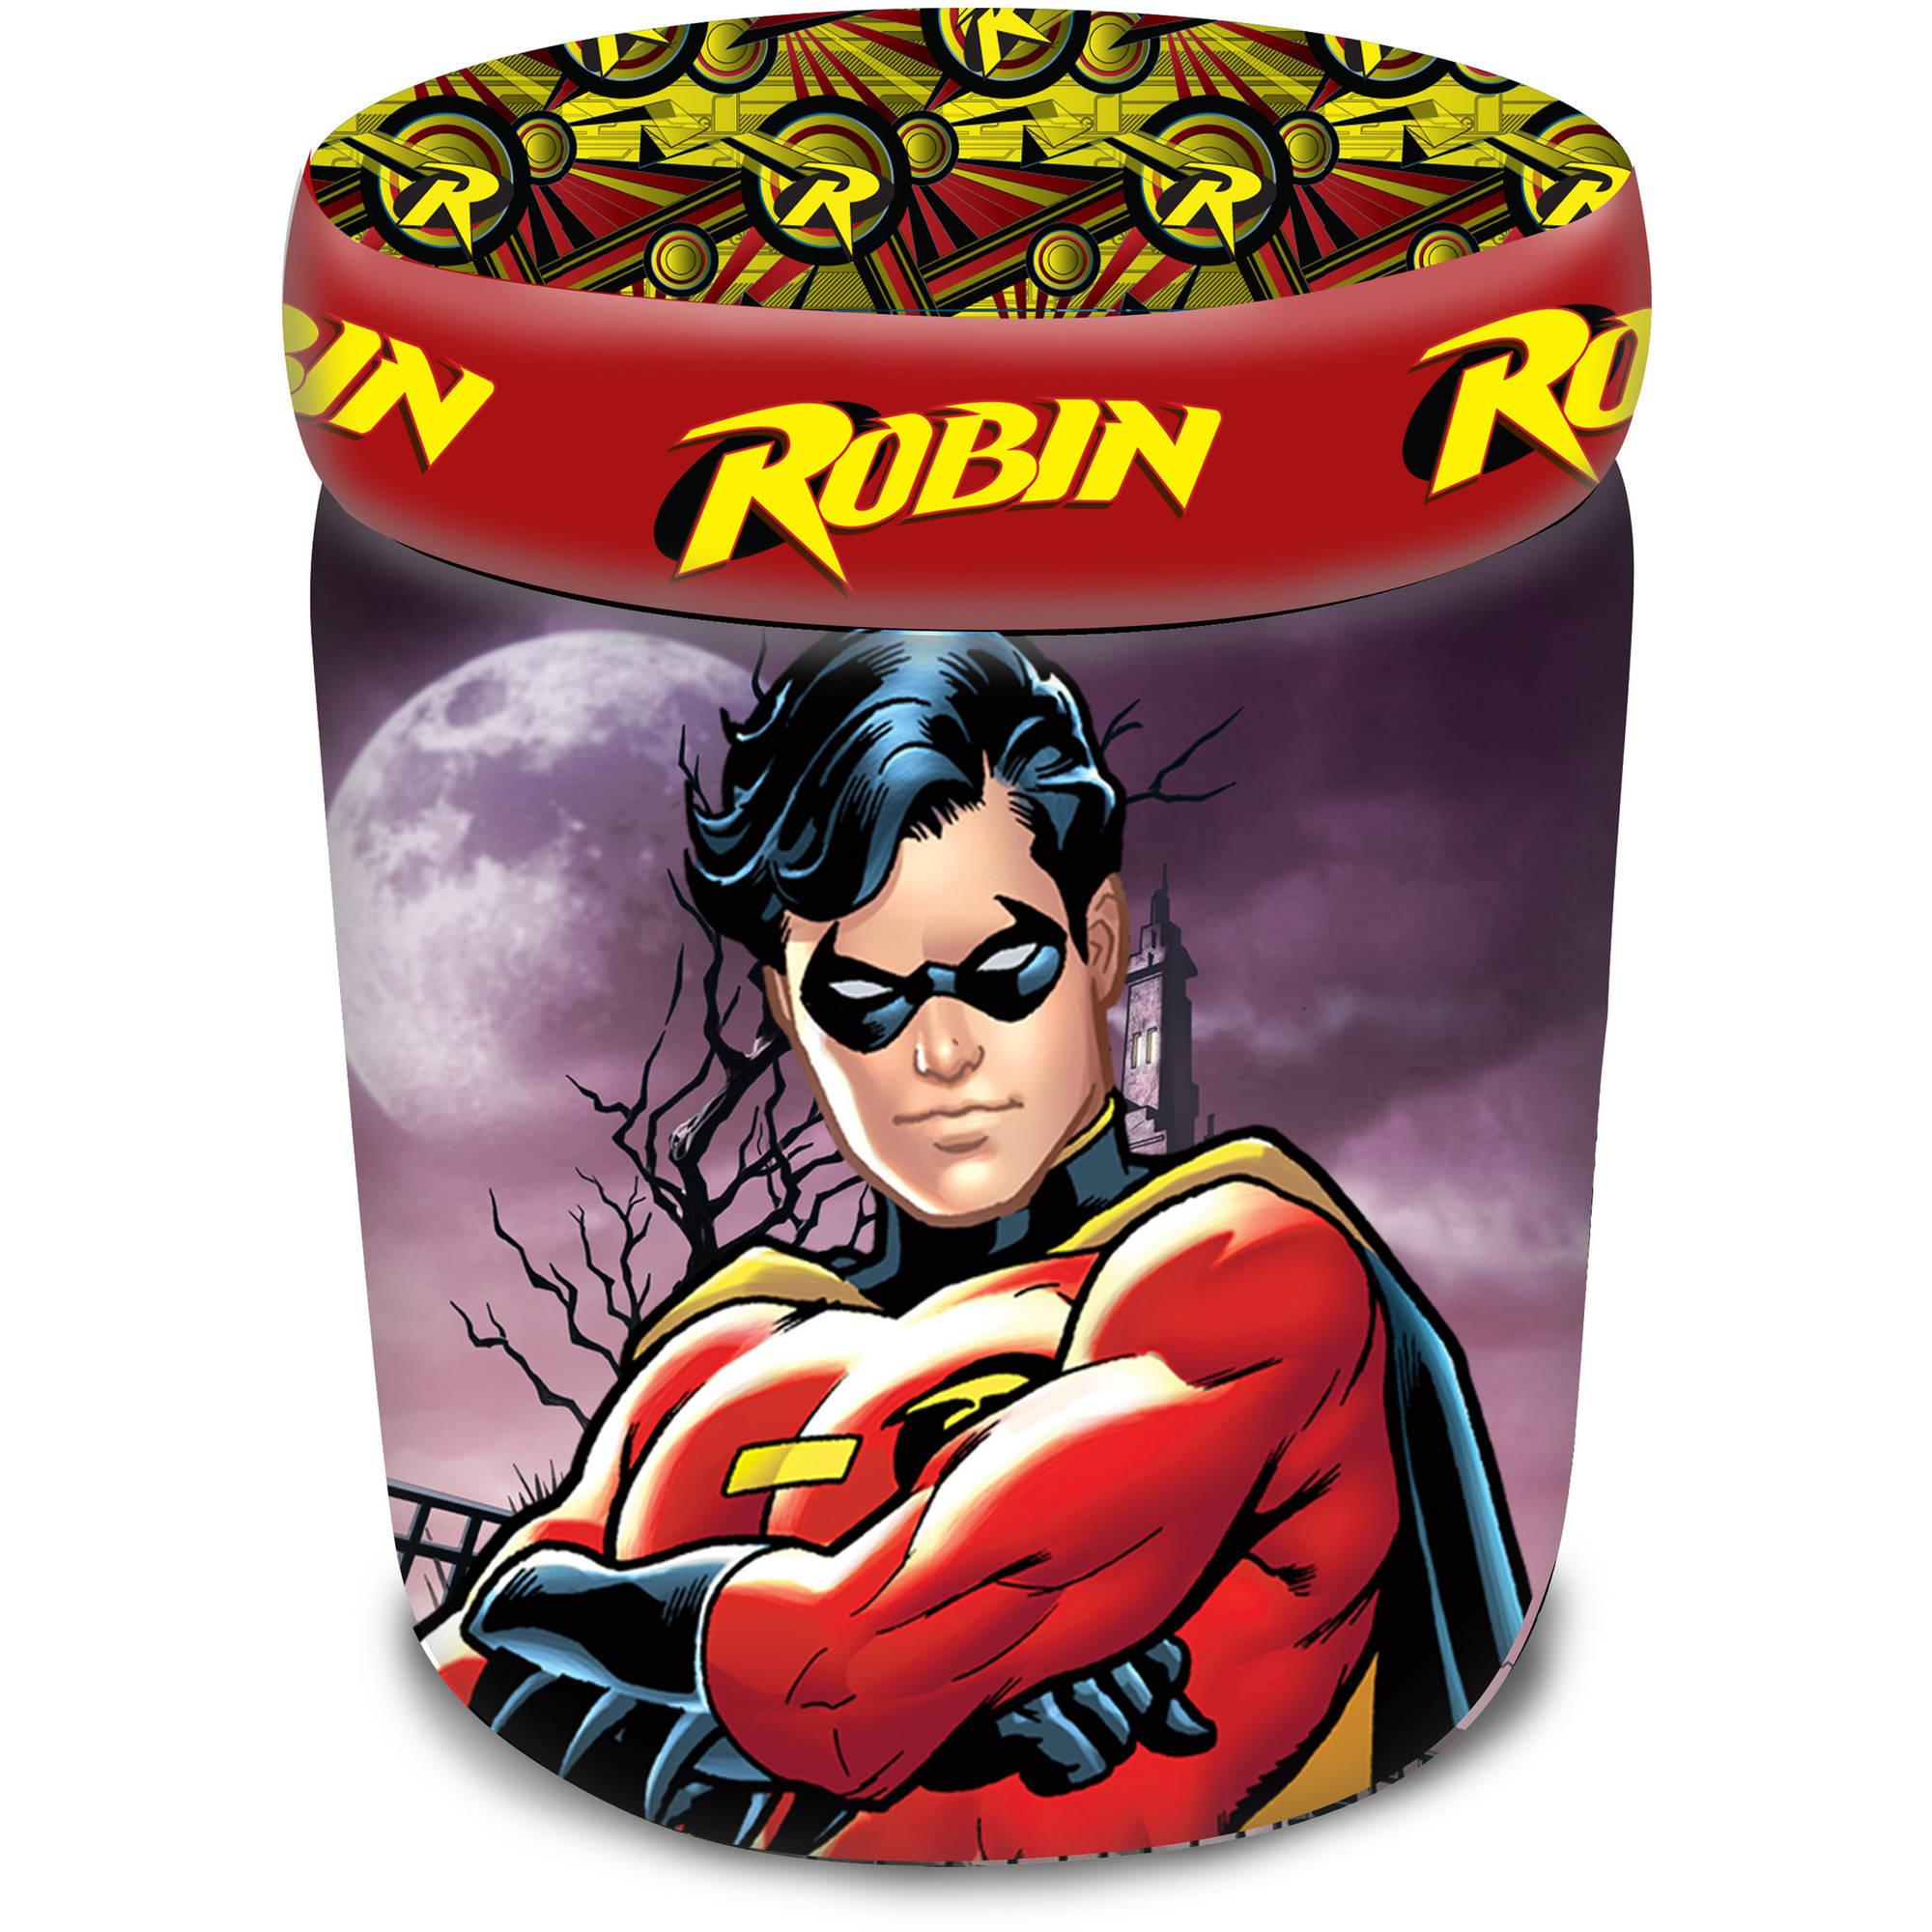 Warner Brothers Robin Classic Animated Hero Storage Ottoman